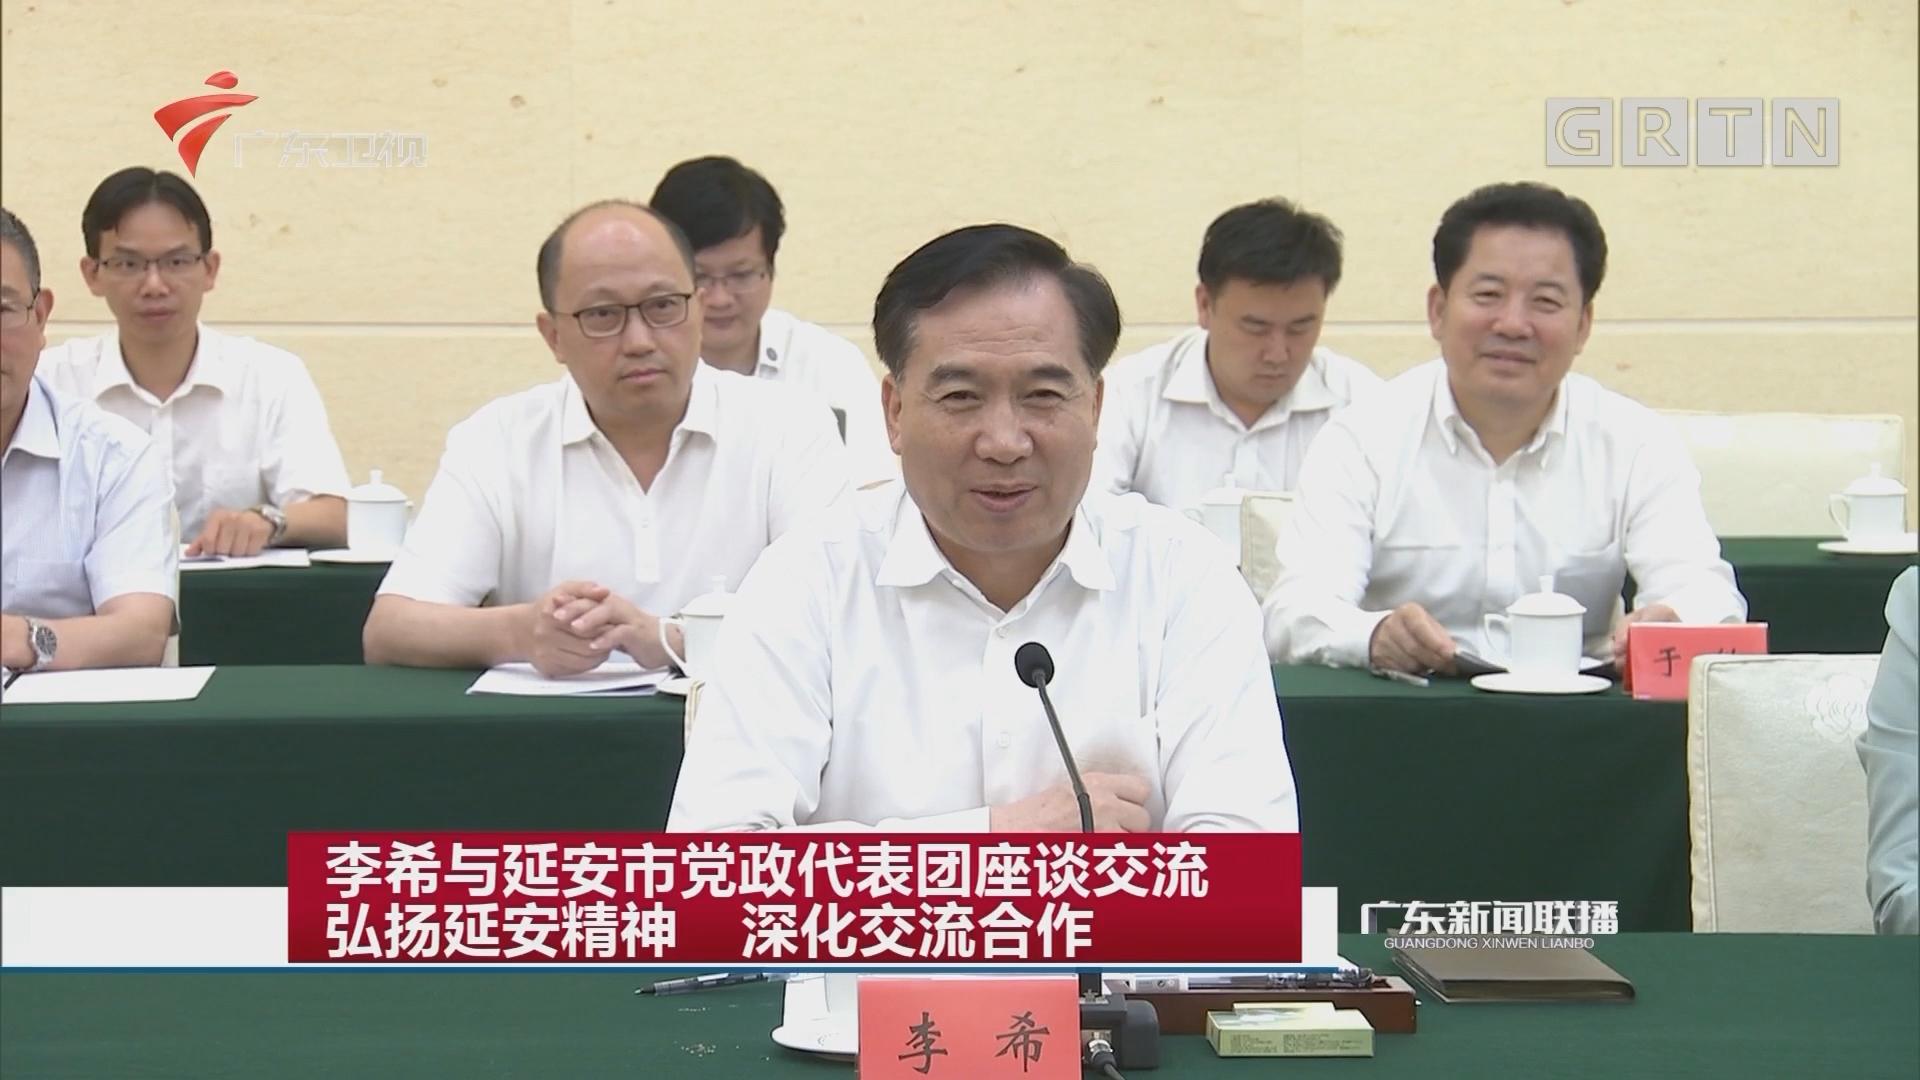 李希与延安市党政代表团座谈交流 弘扬延安精神 深化交流合作